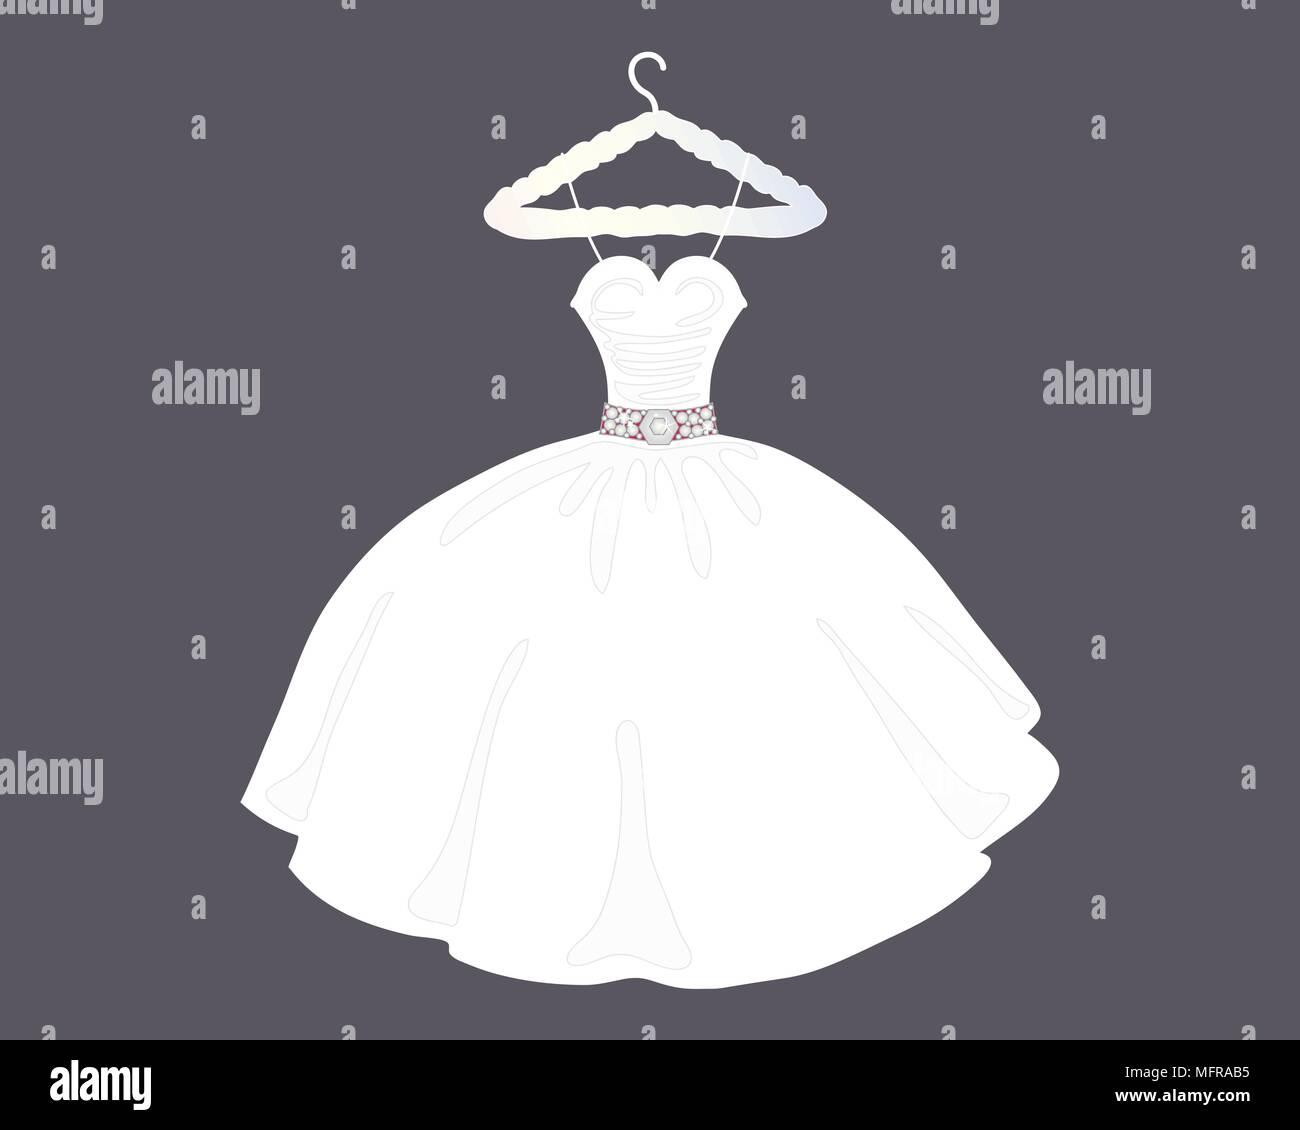 Una illustrazione di un designer di Bellissimo abito da sposa in stile ballgown su un negozio appendiabiti con sfondo grigio Immagini Stock